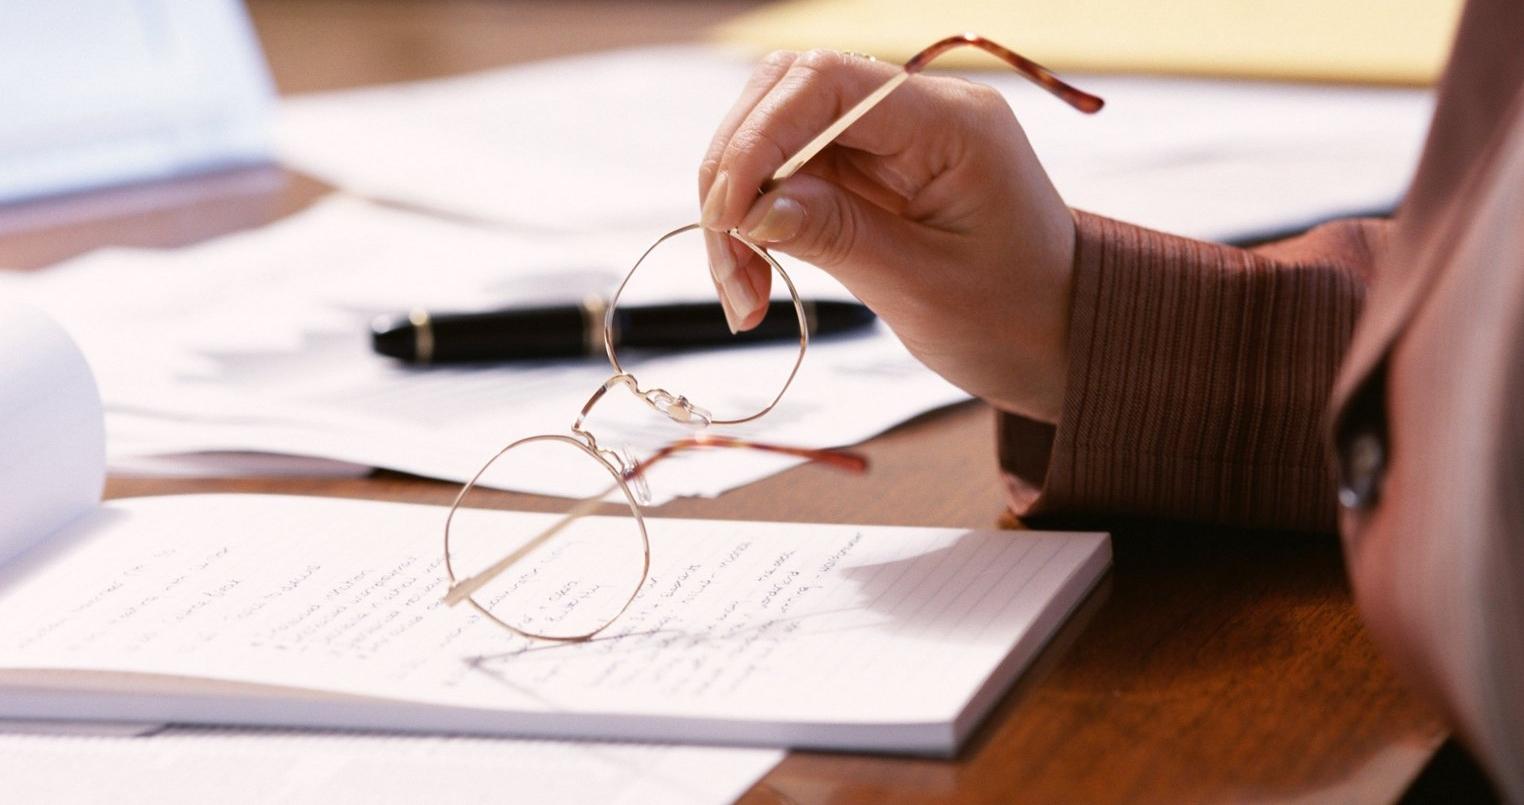 Для перевода терминов «ООО» и «общество с ограниченной ответственностью» на английский язык используется словосочетание Limited Liability Company и аббревиатура LLC